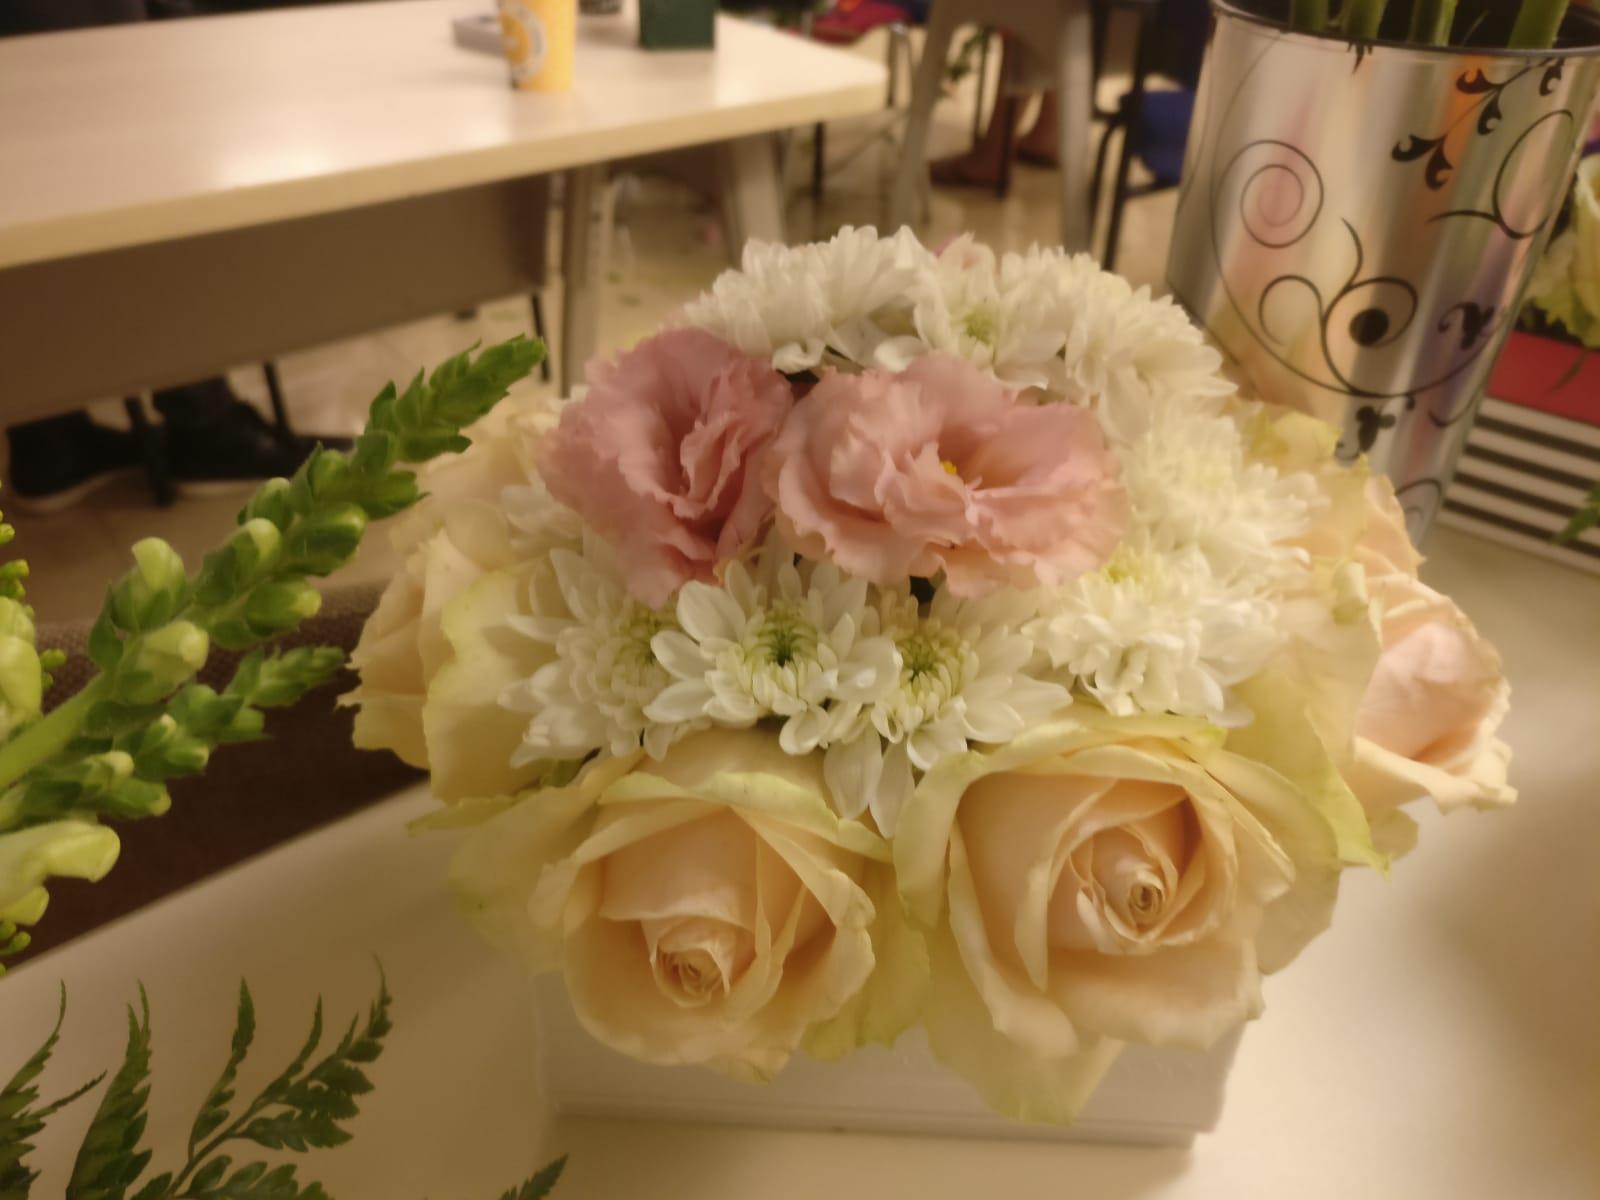 גלרייה - שיעור שזירת פרחים - קורס הפקת אירועים מחזור 23, 24 מתוך 32